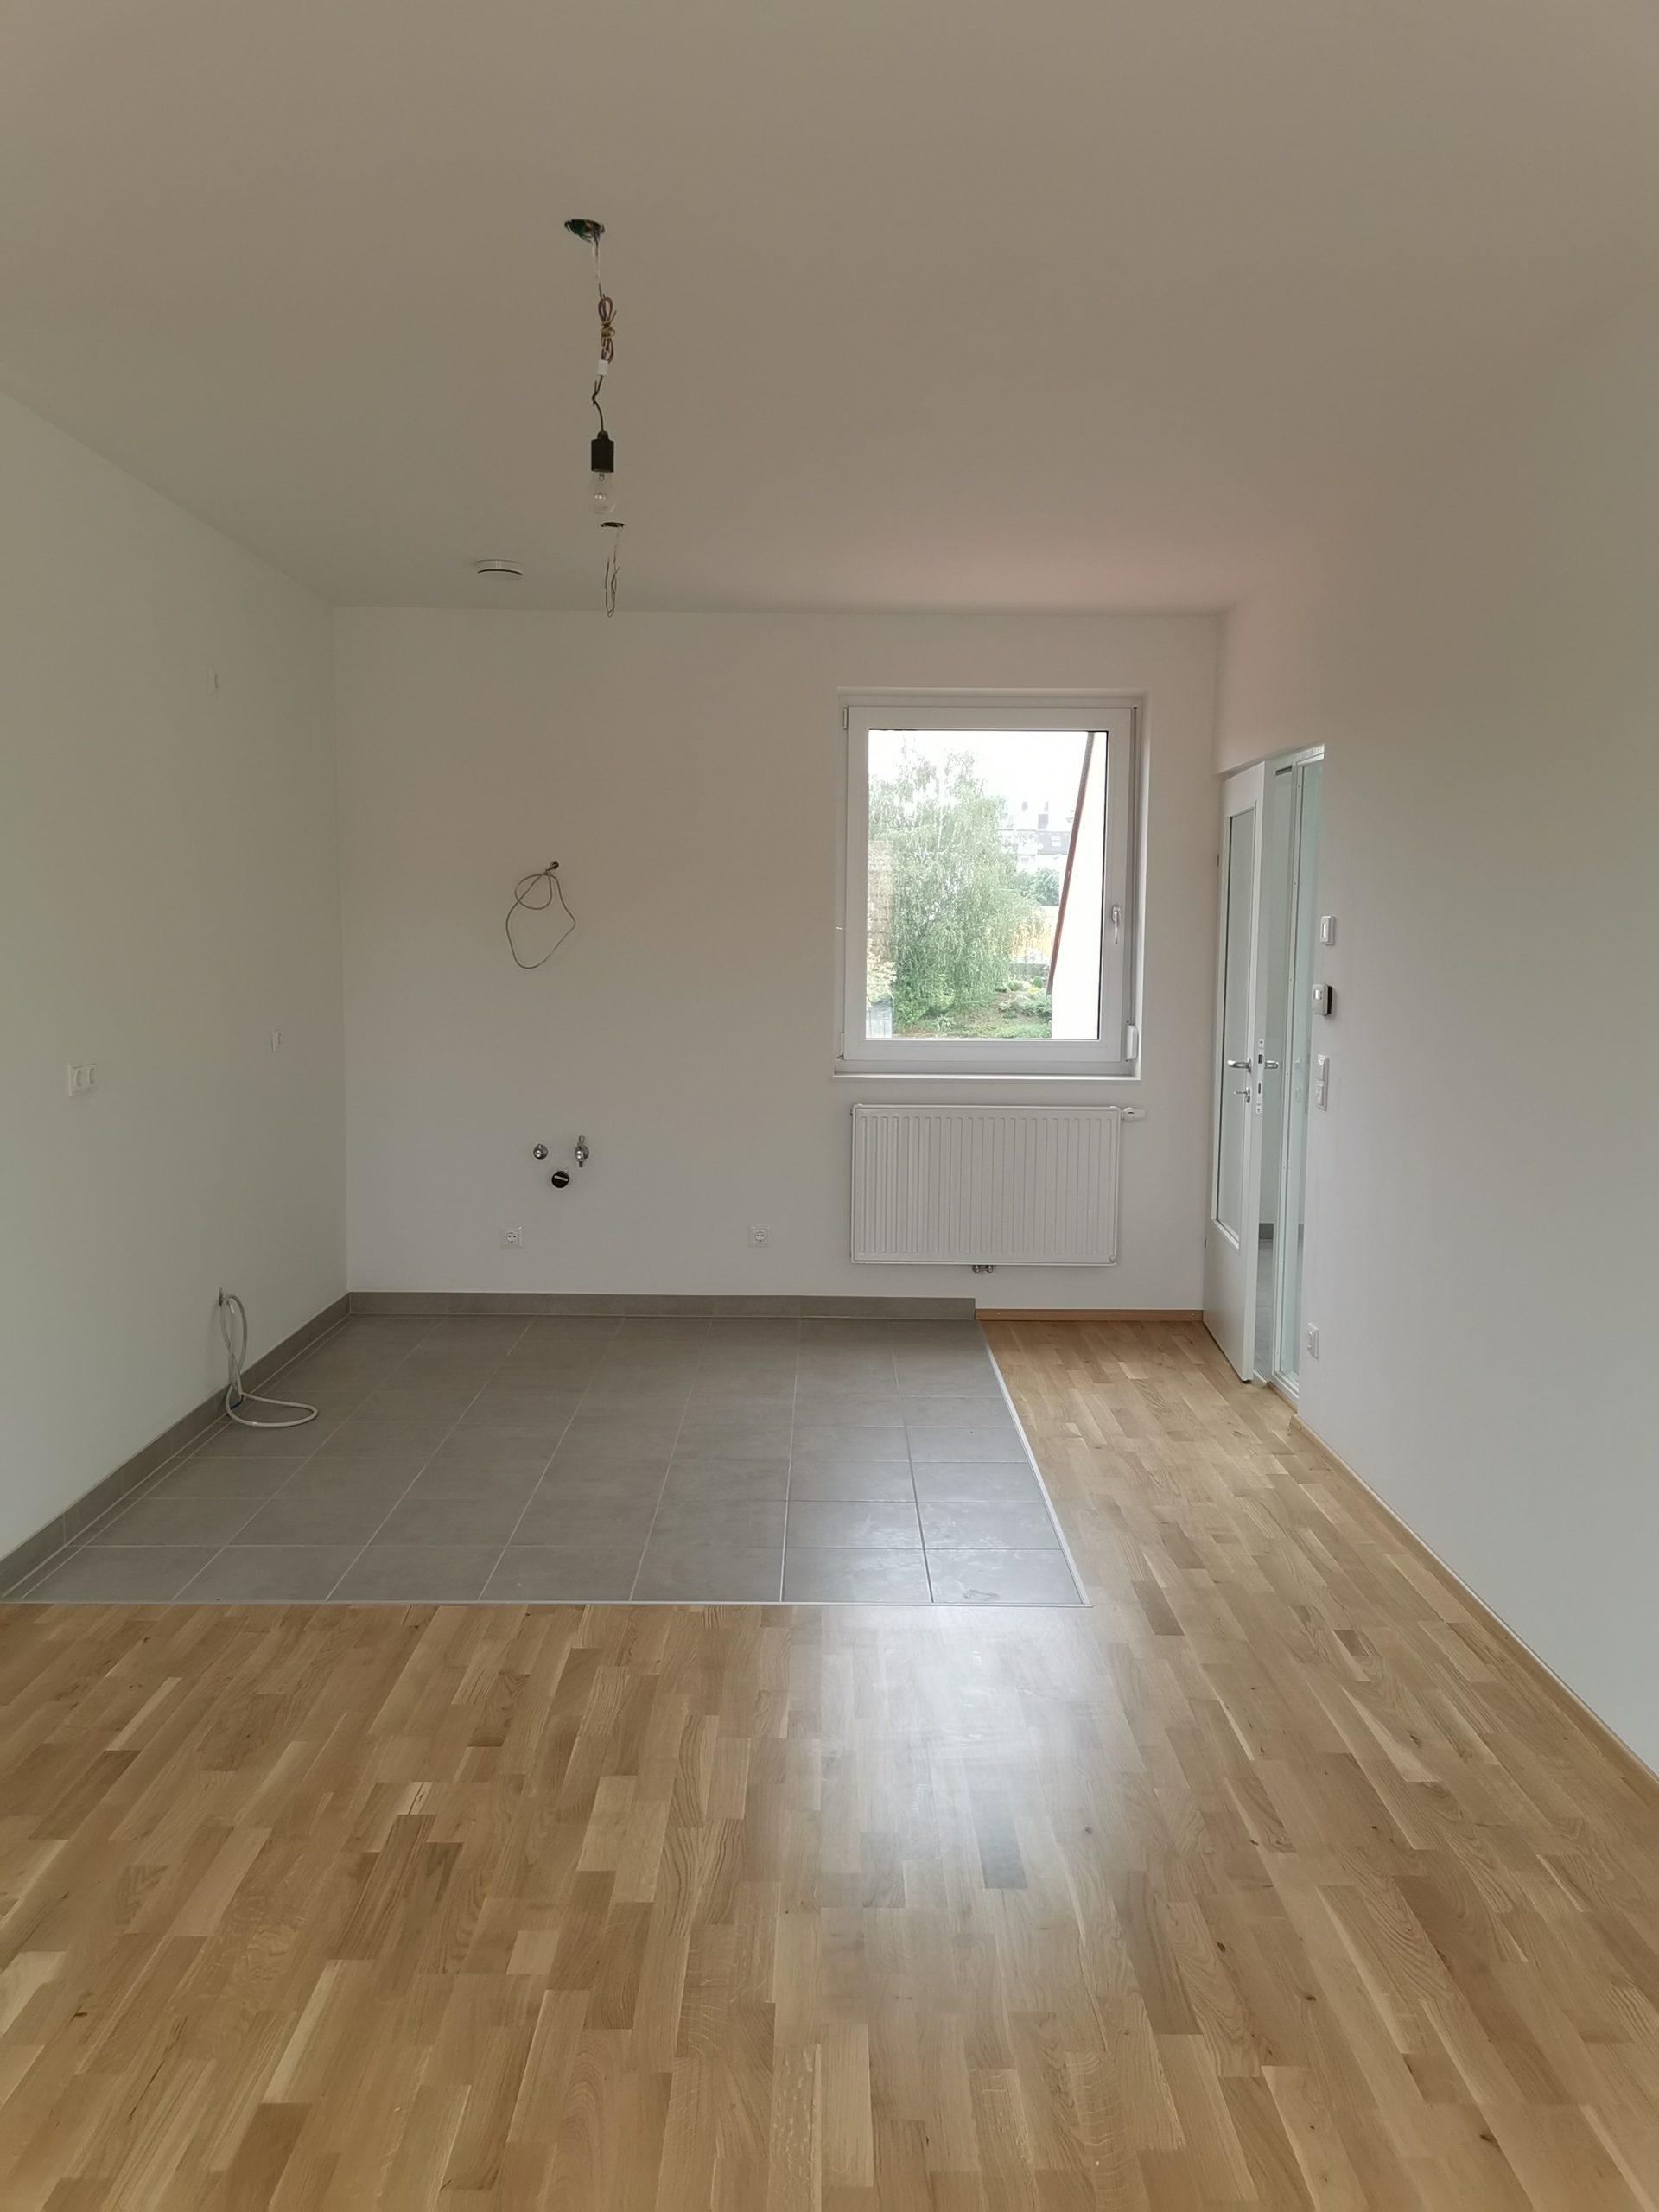 Immobilie von Kamptal in 3571 Gars am Kamp, Horn, Gars V - Top 208 #9